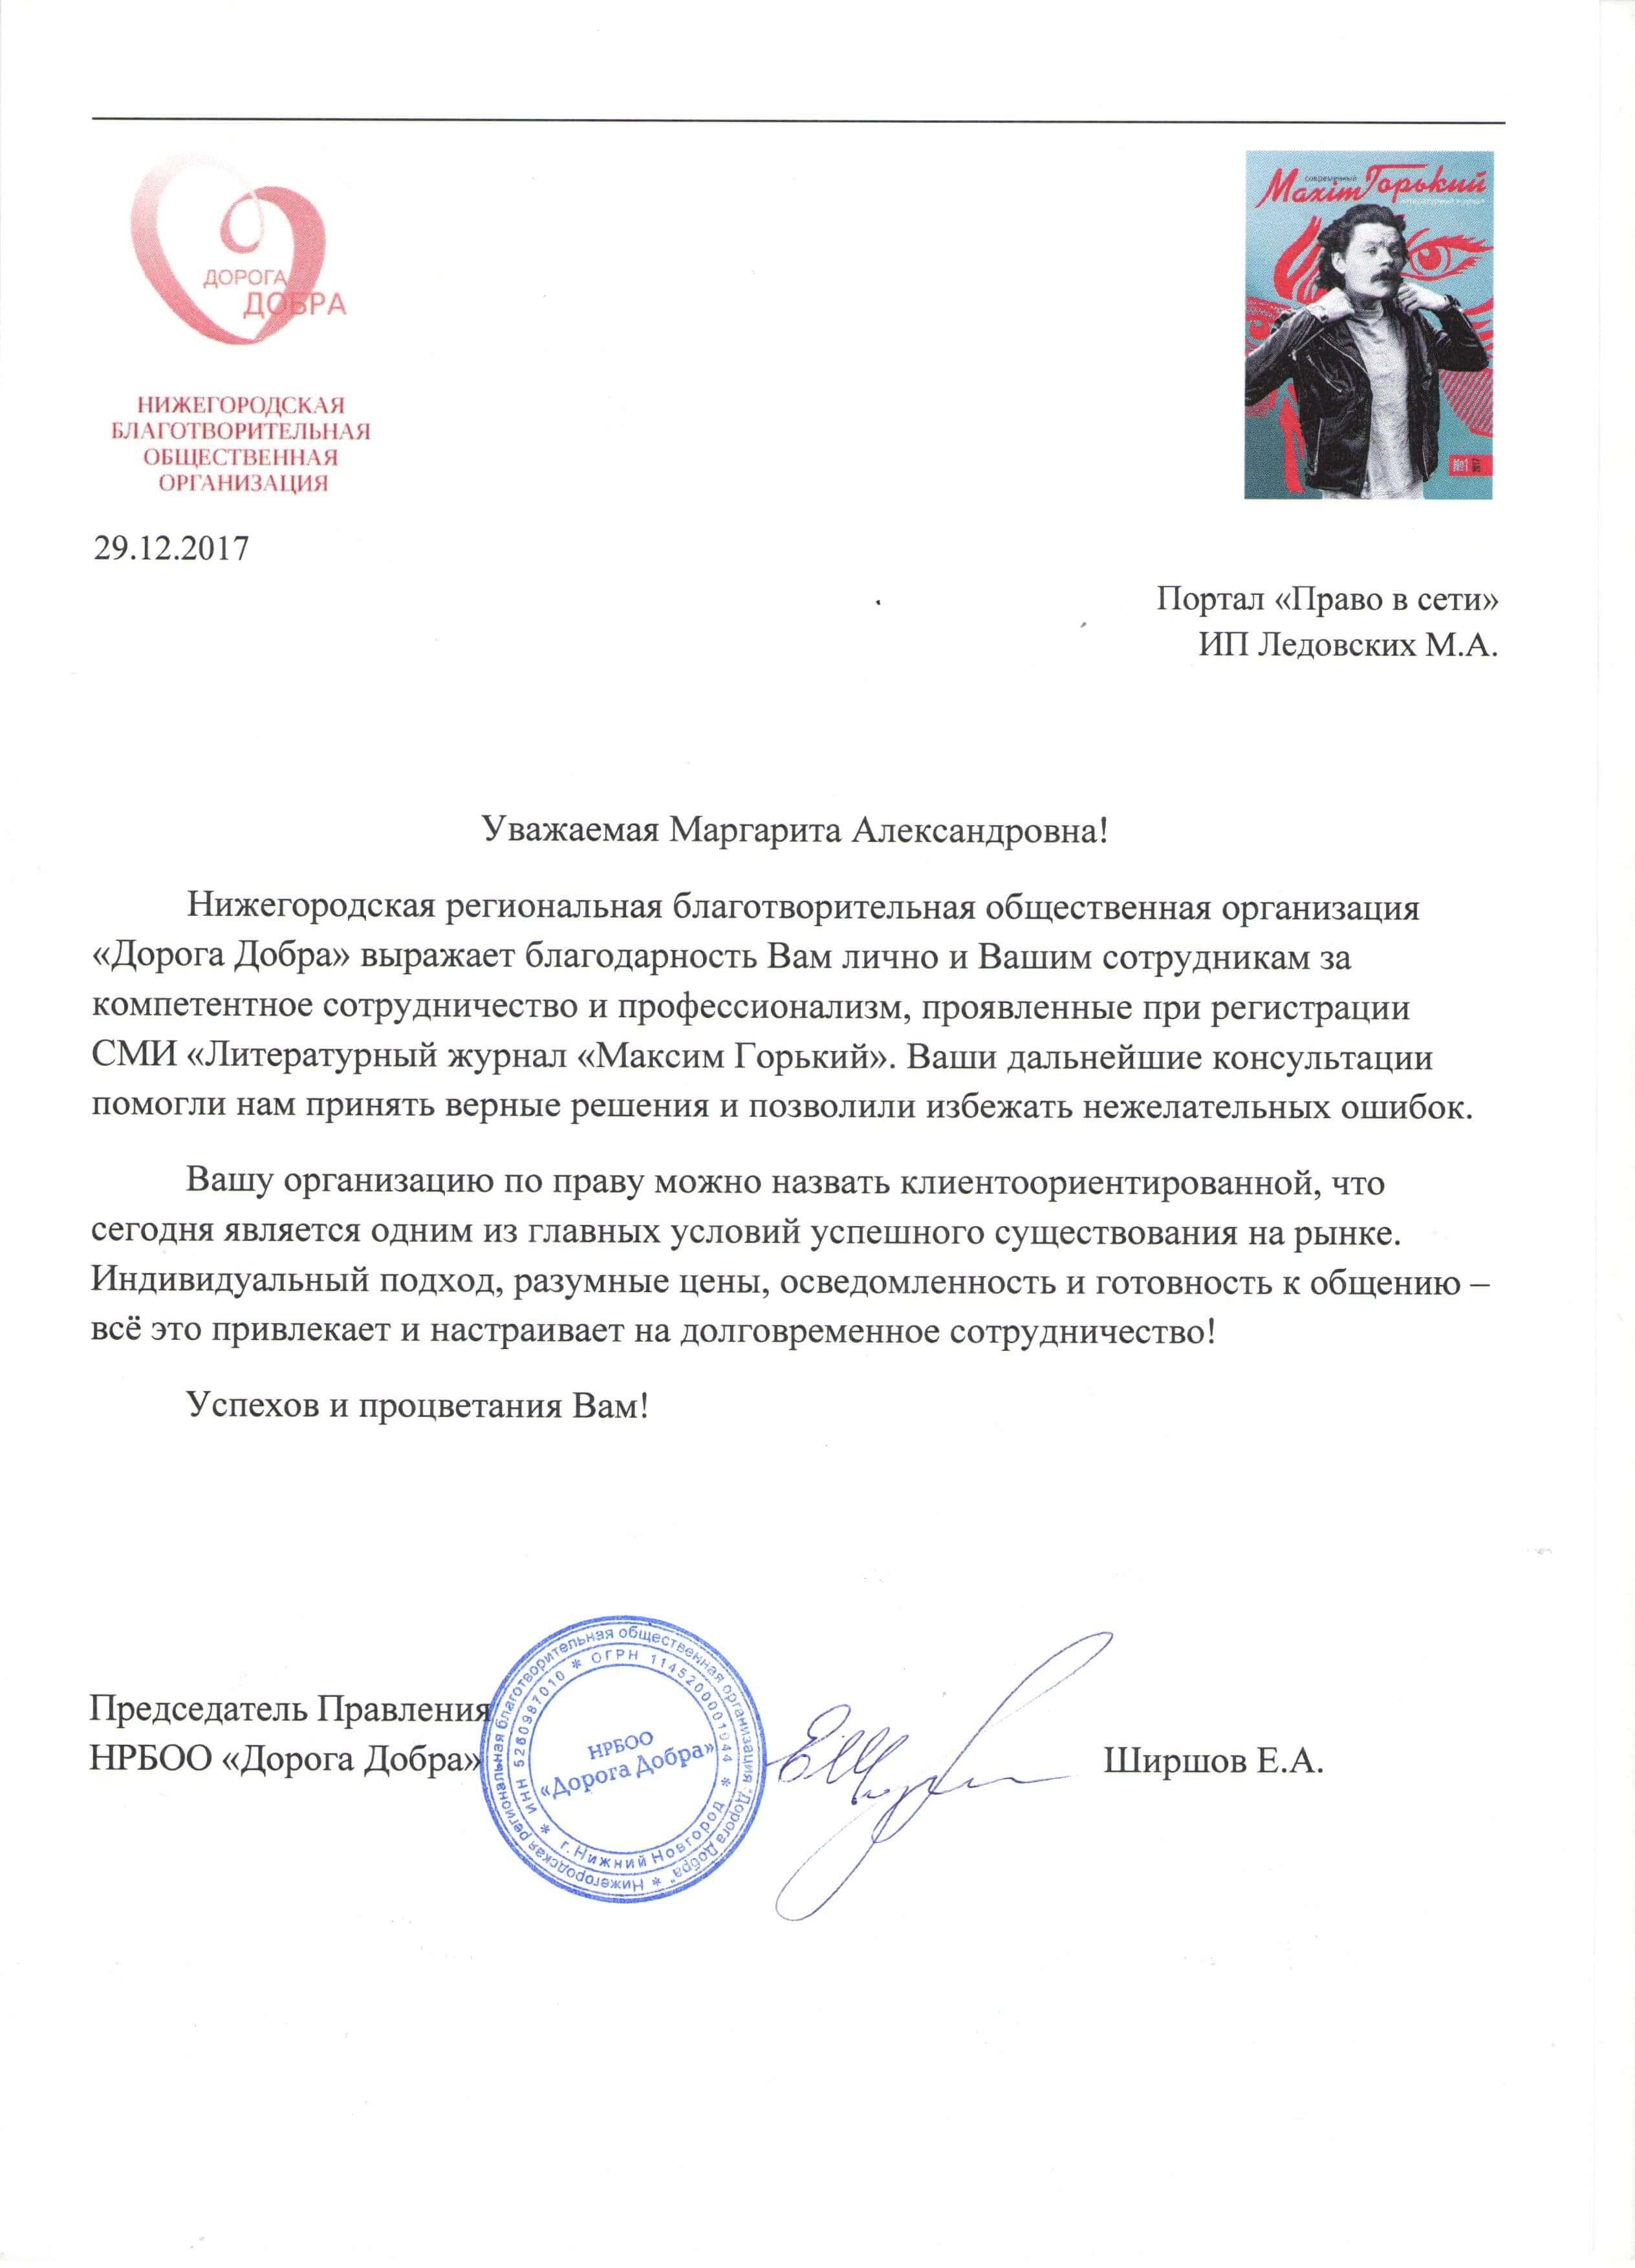 Отзыв о регистрации СМИ Максим Горький